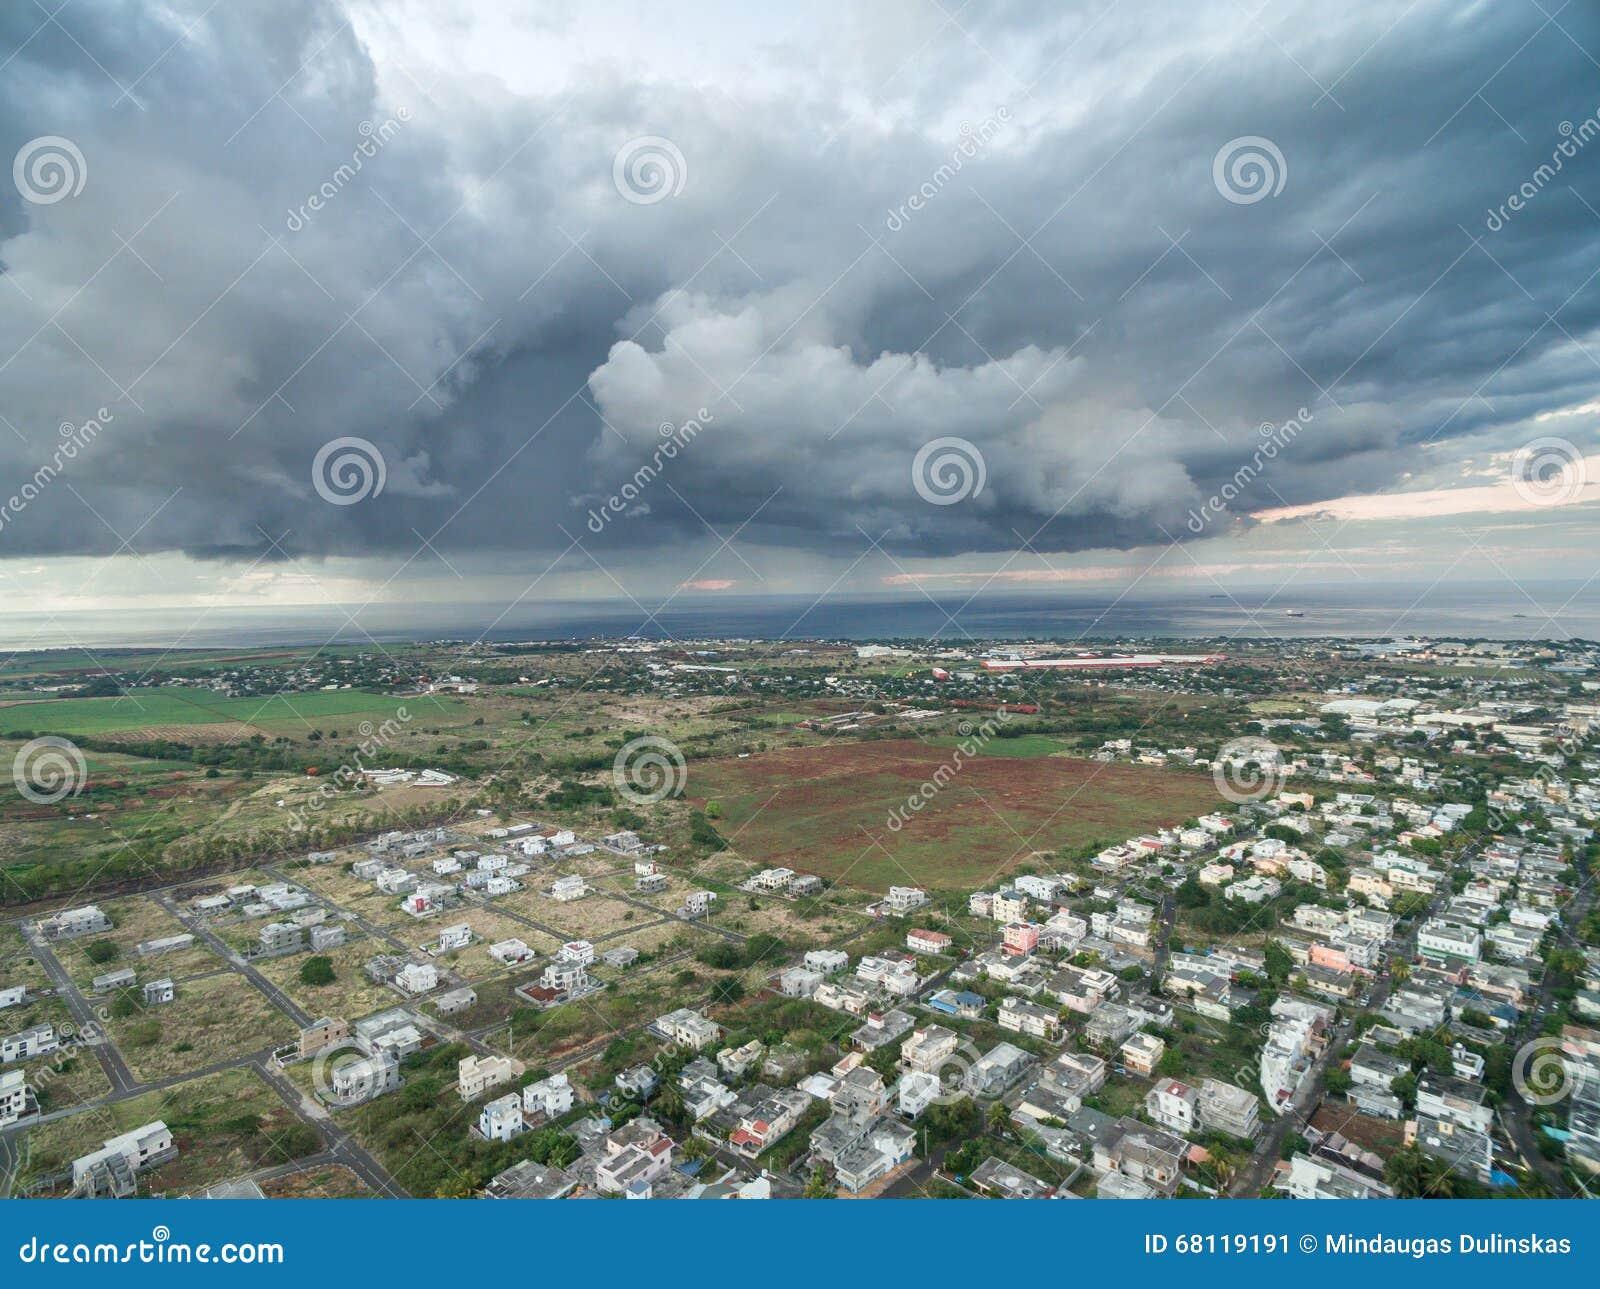 PORT-LOUIS, ÎLES MAURICE - 4 OCTOBRE 2015 : Paysage avec le ciel orageux à Port-Louis, Mautirius